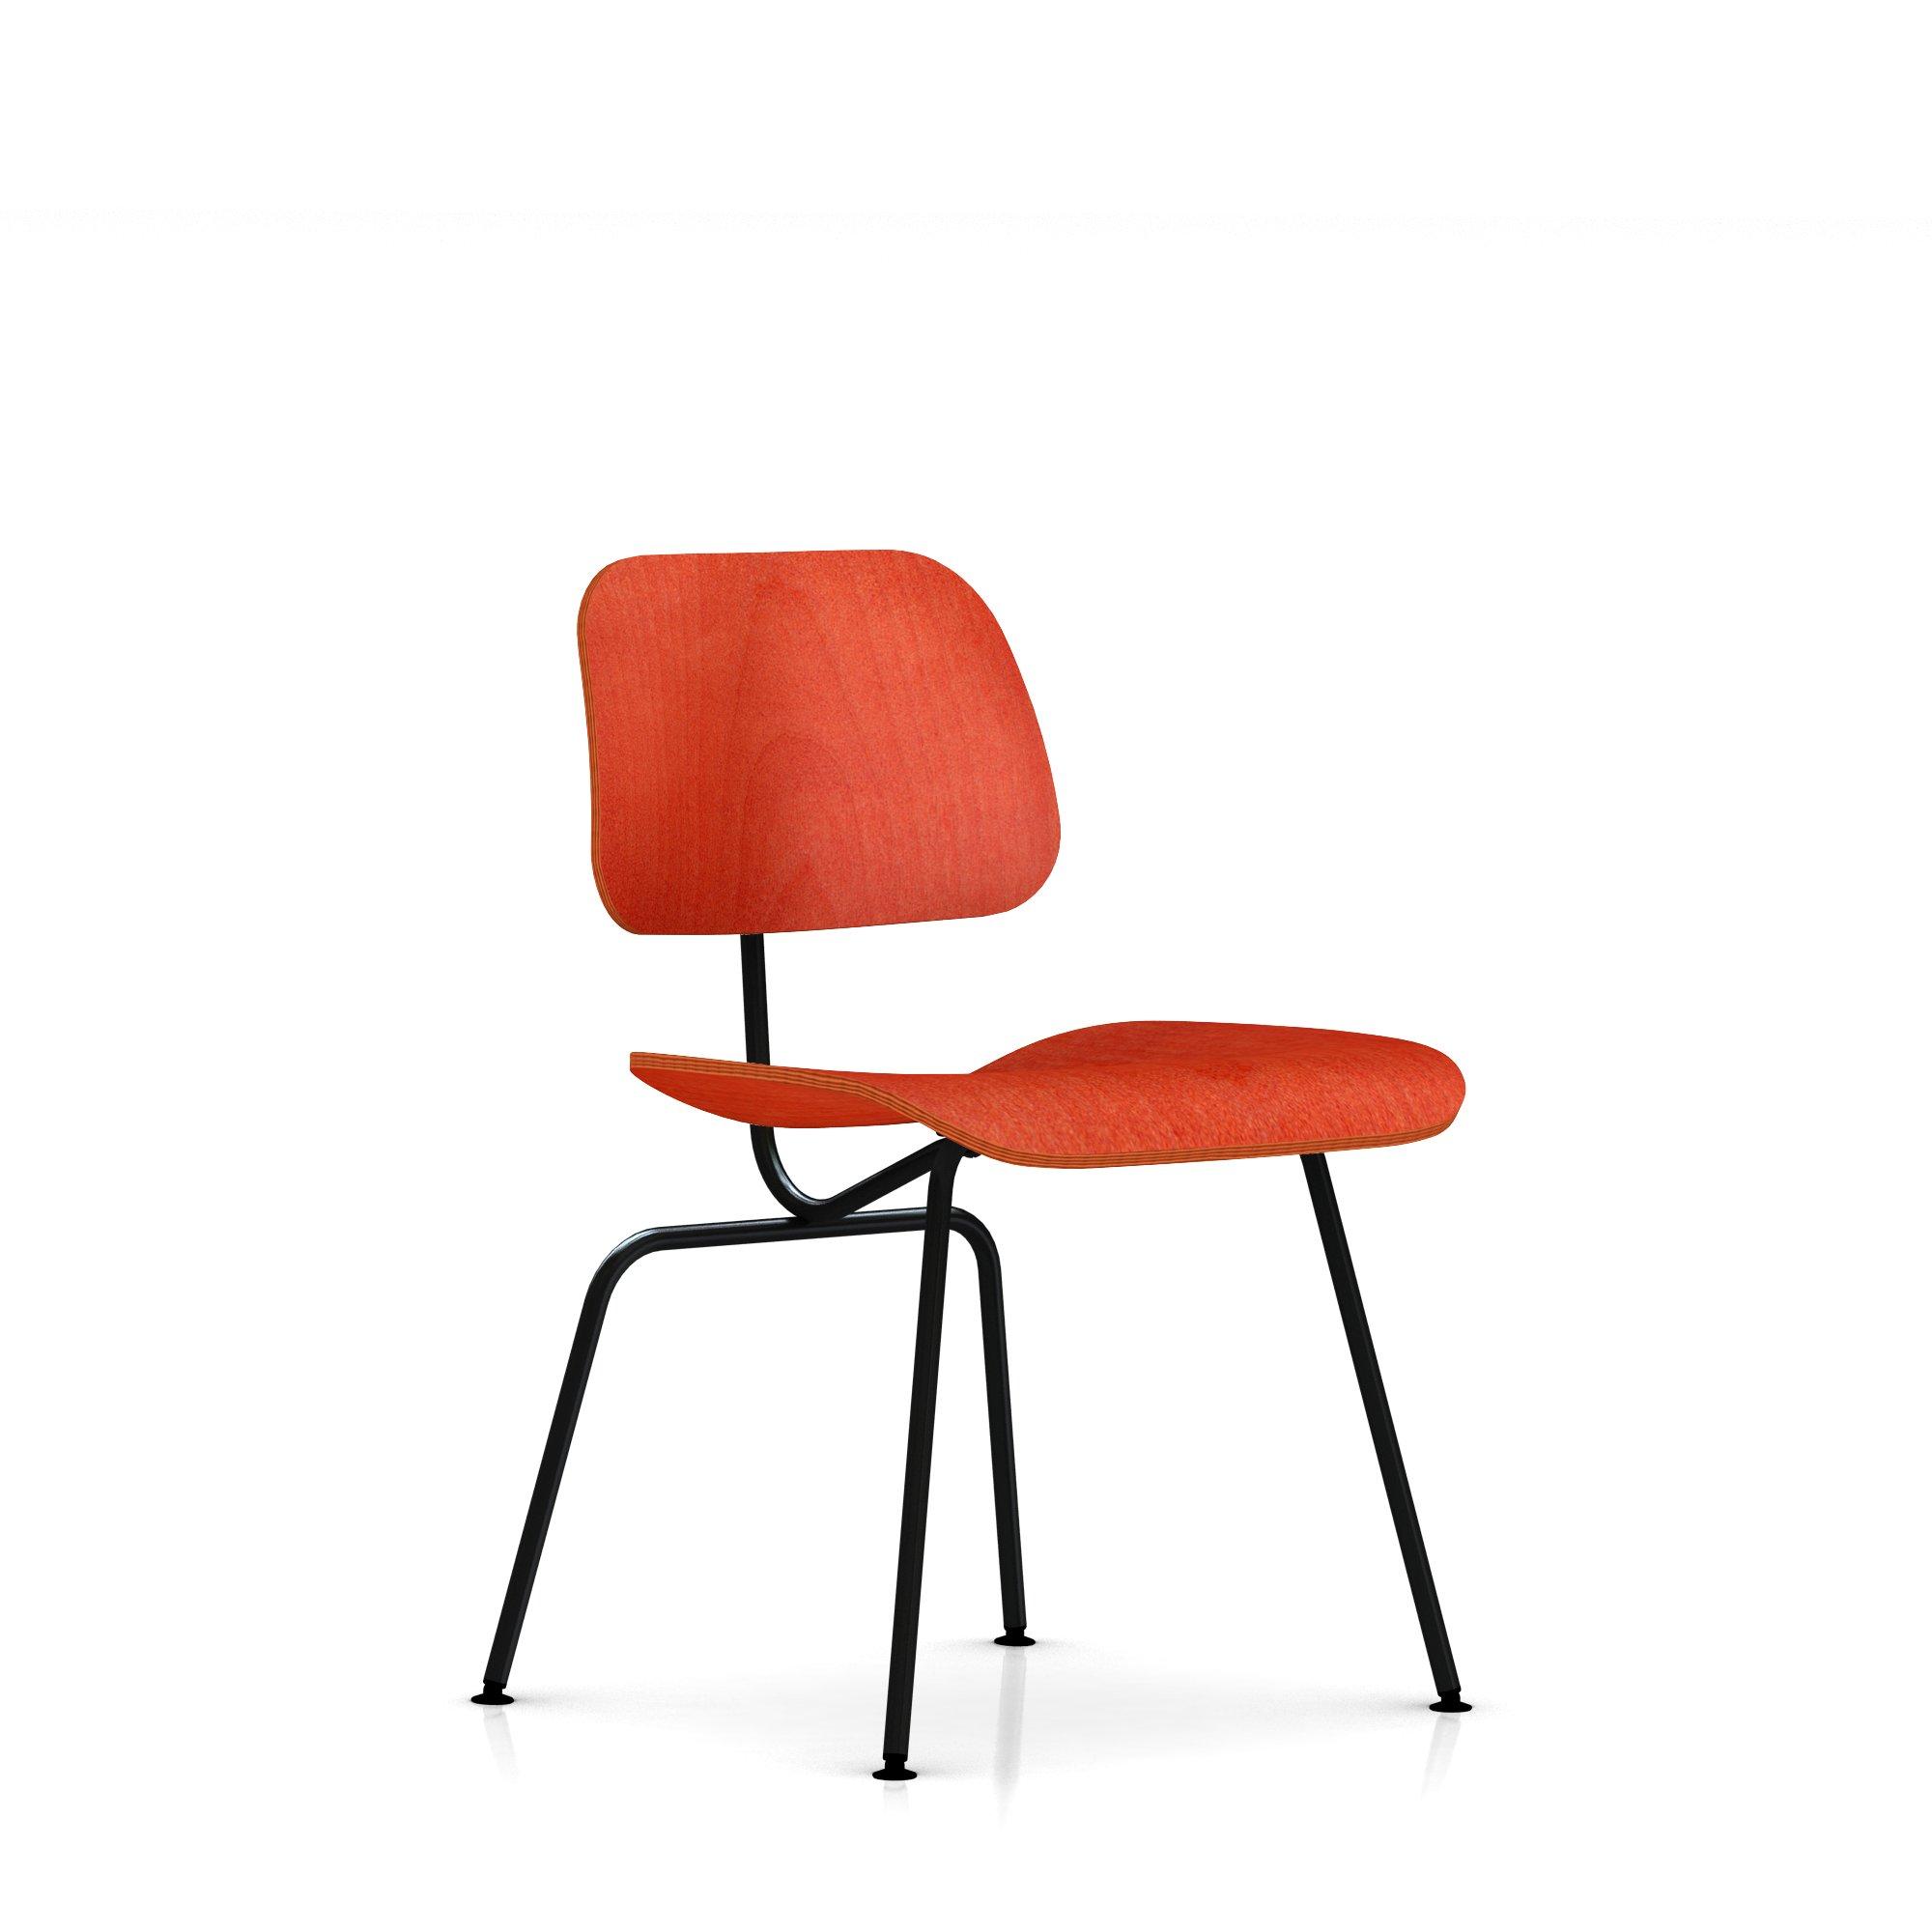 Herman Miller Eames Plywood Chair Herman Miller Eames  : herman miller eames molded plywood dining chair metal legs f from mermaidsofthelake.com size 2000 x 2000 jpeg 118kB